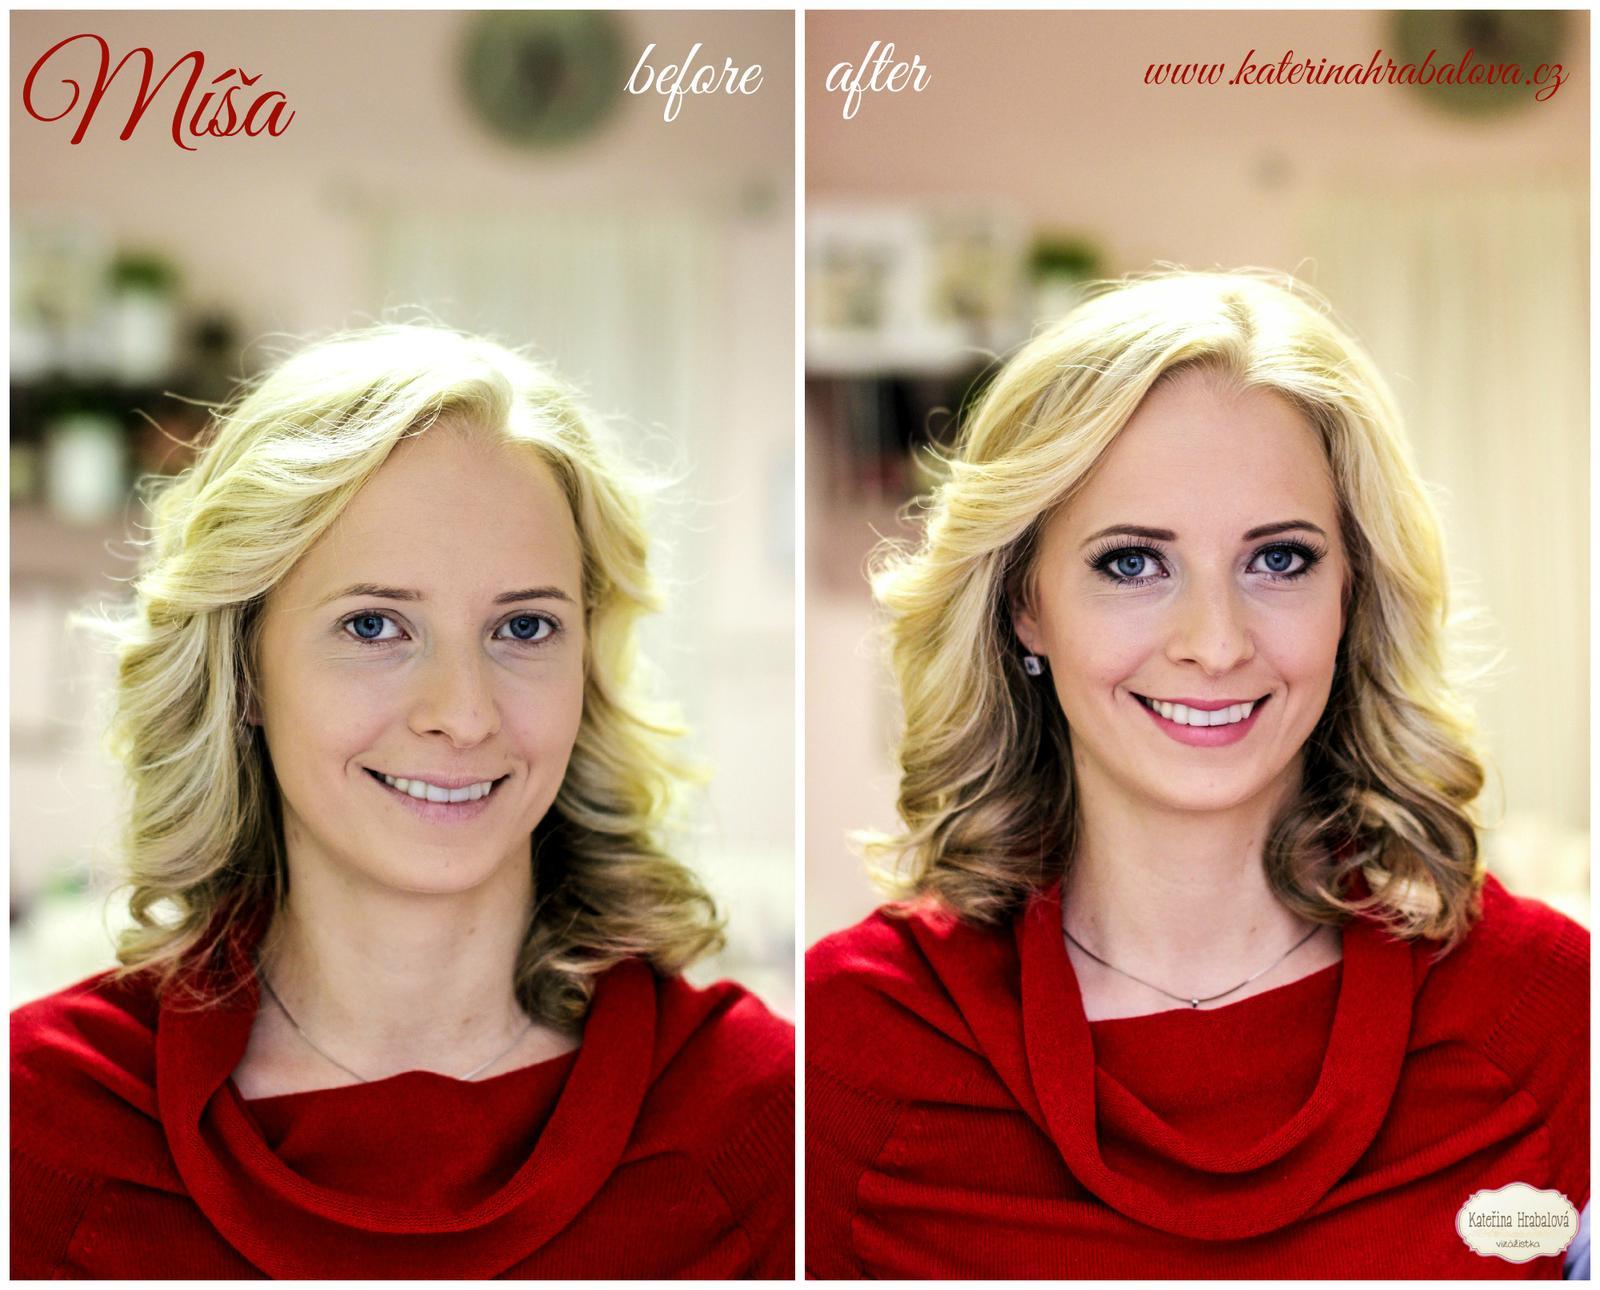 Proměny 2014 - Make-up + foto: www.katerinahrabalova.cz